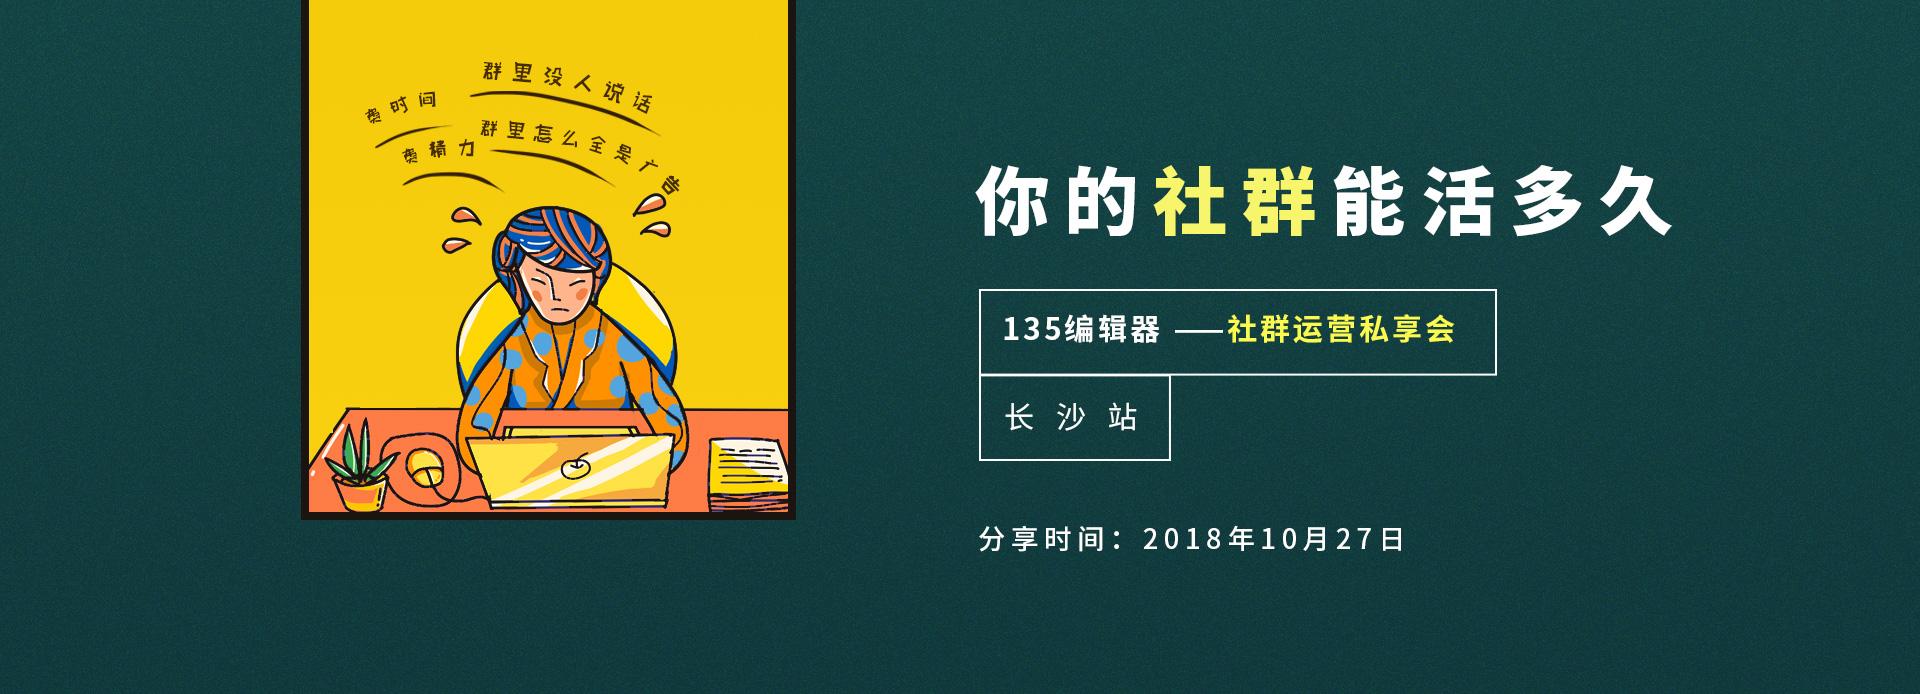 135编辑器 — 社群运营私享会(长沙站)